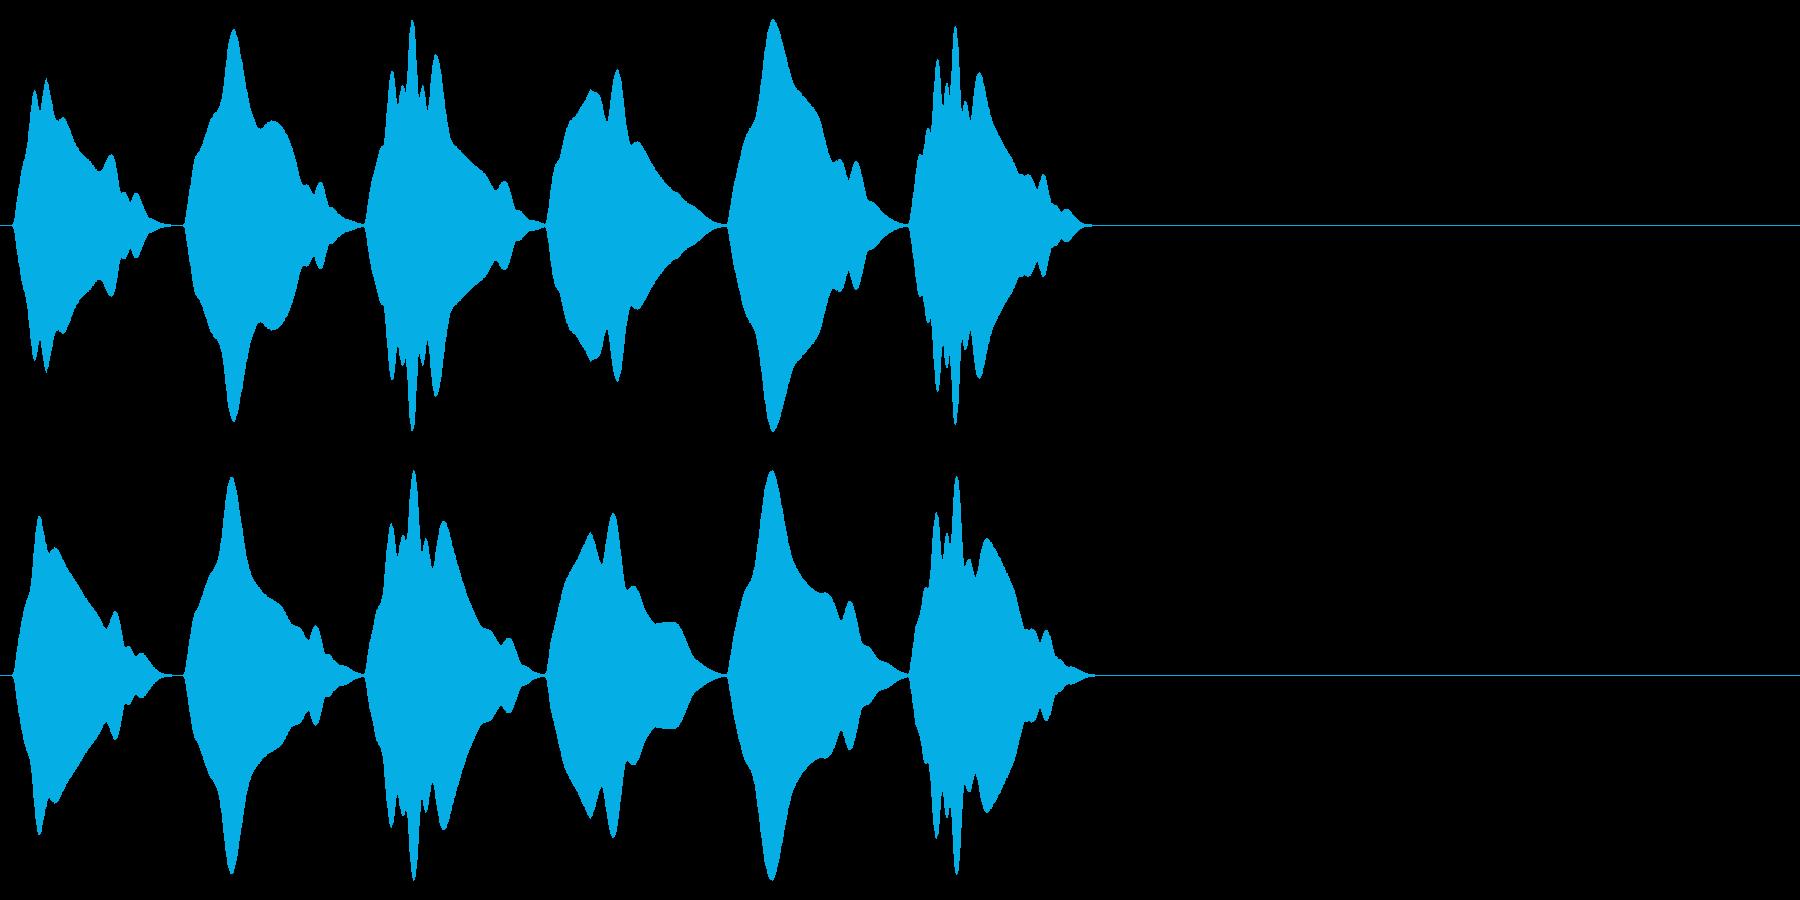 シンプルな効果音 ヒヨヒヨヒヨの再生済みの波形